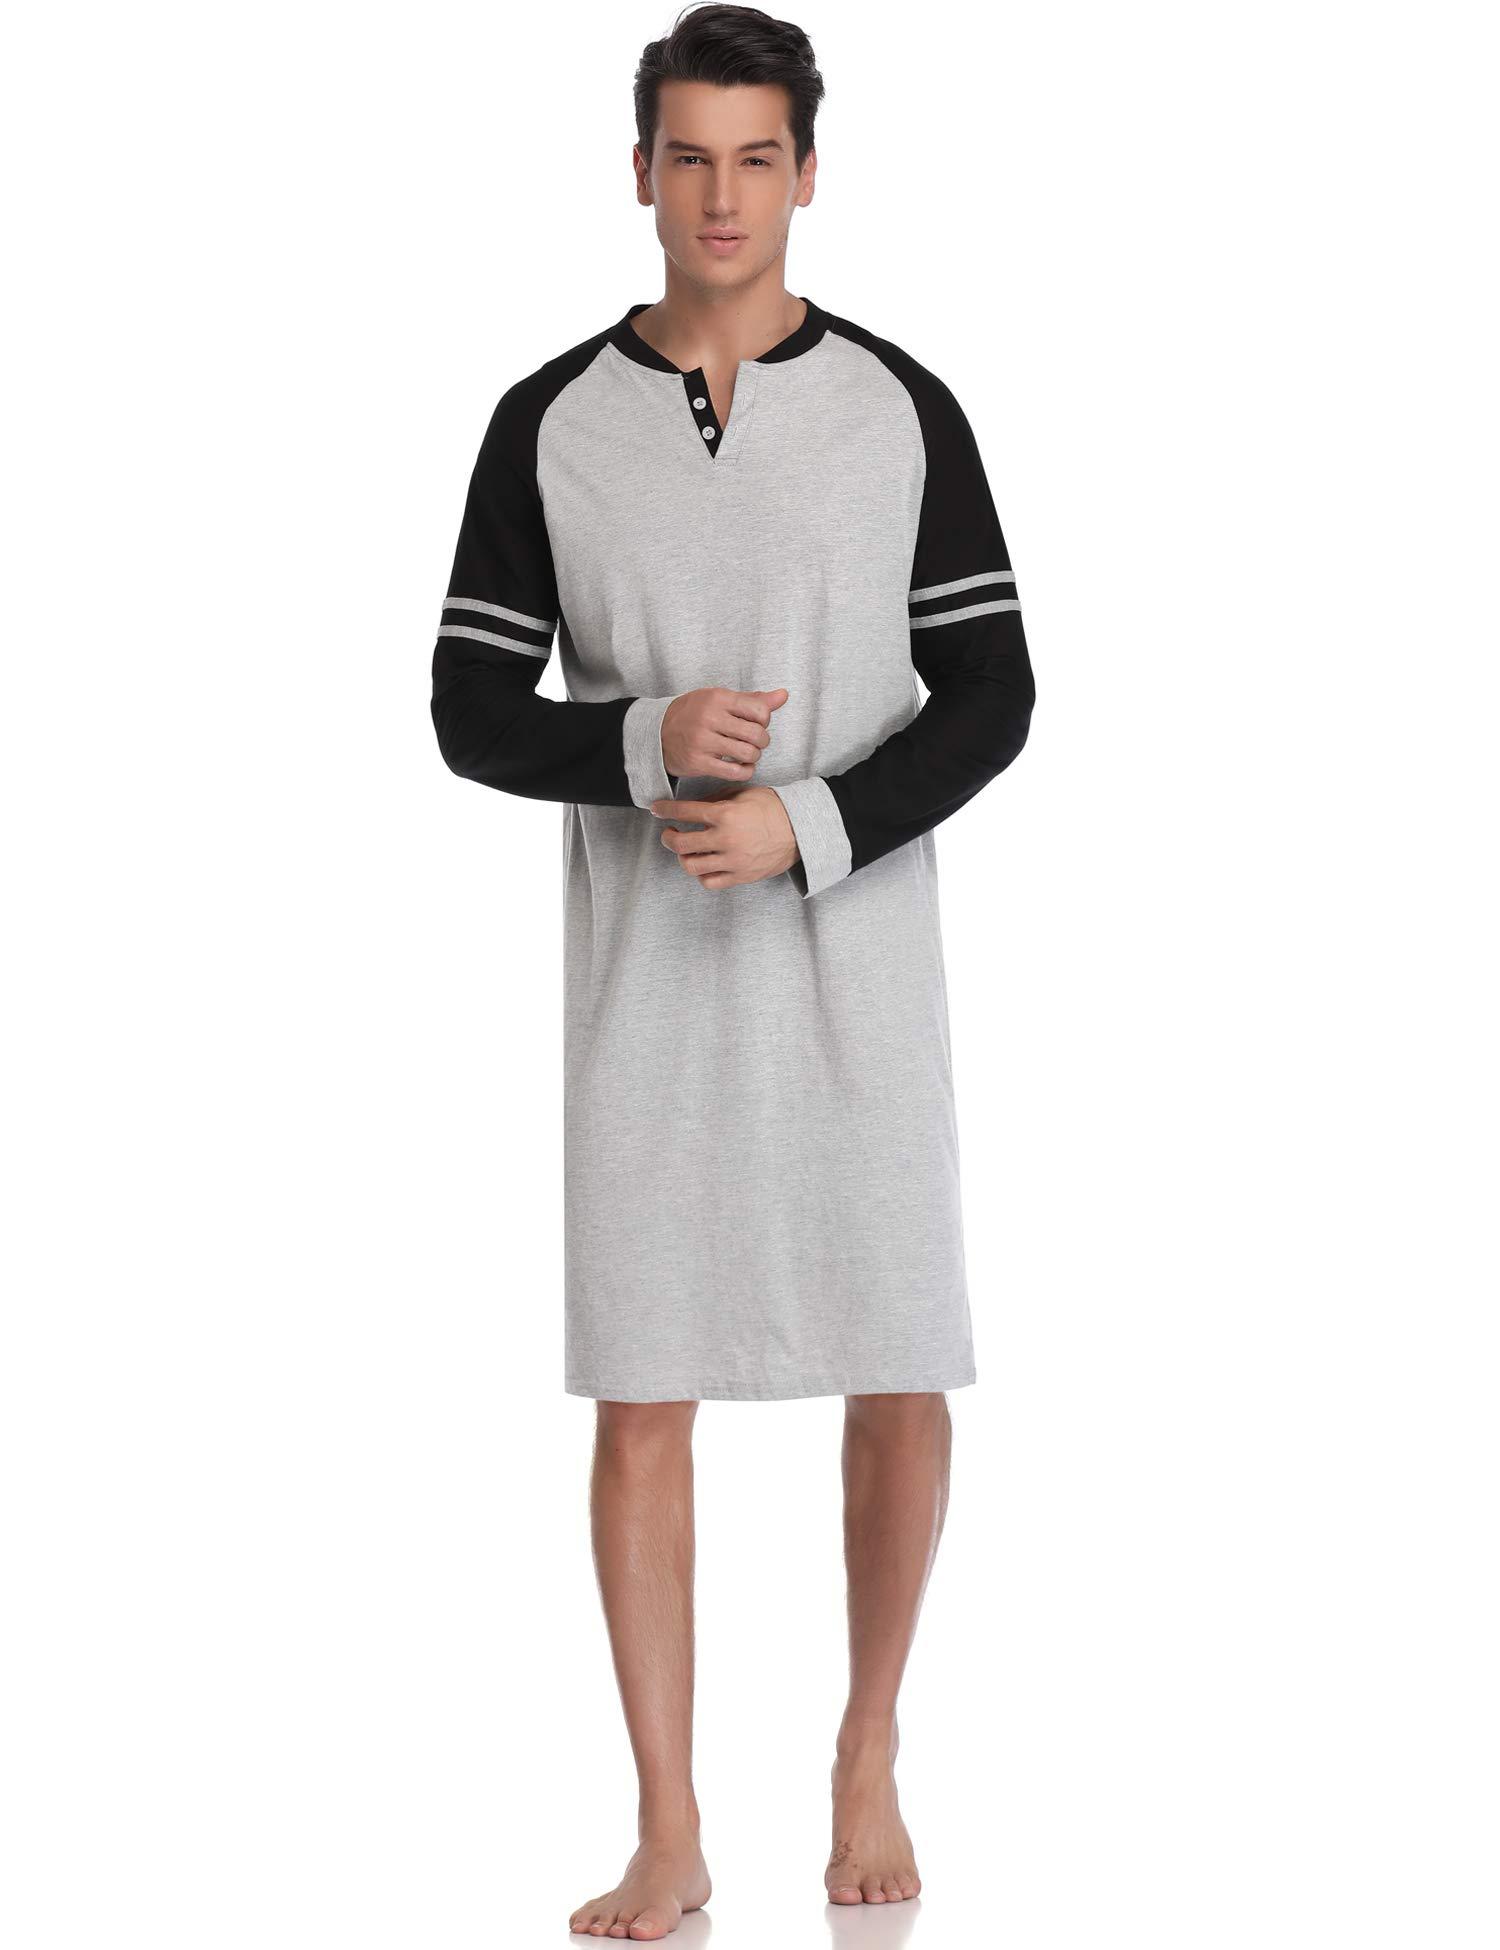 Aibrou Camison Hombre Algodon Corto y Largo Pijama Cómodo y Transpirable Ropa de Dormir product image